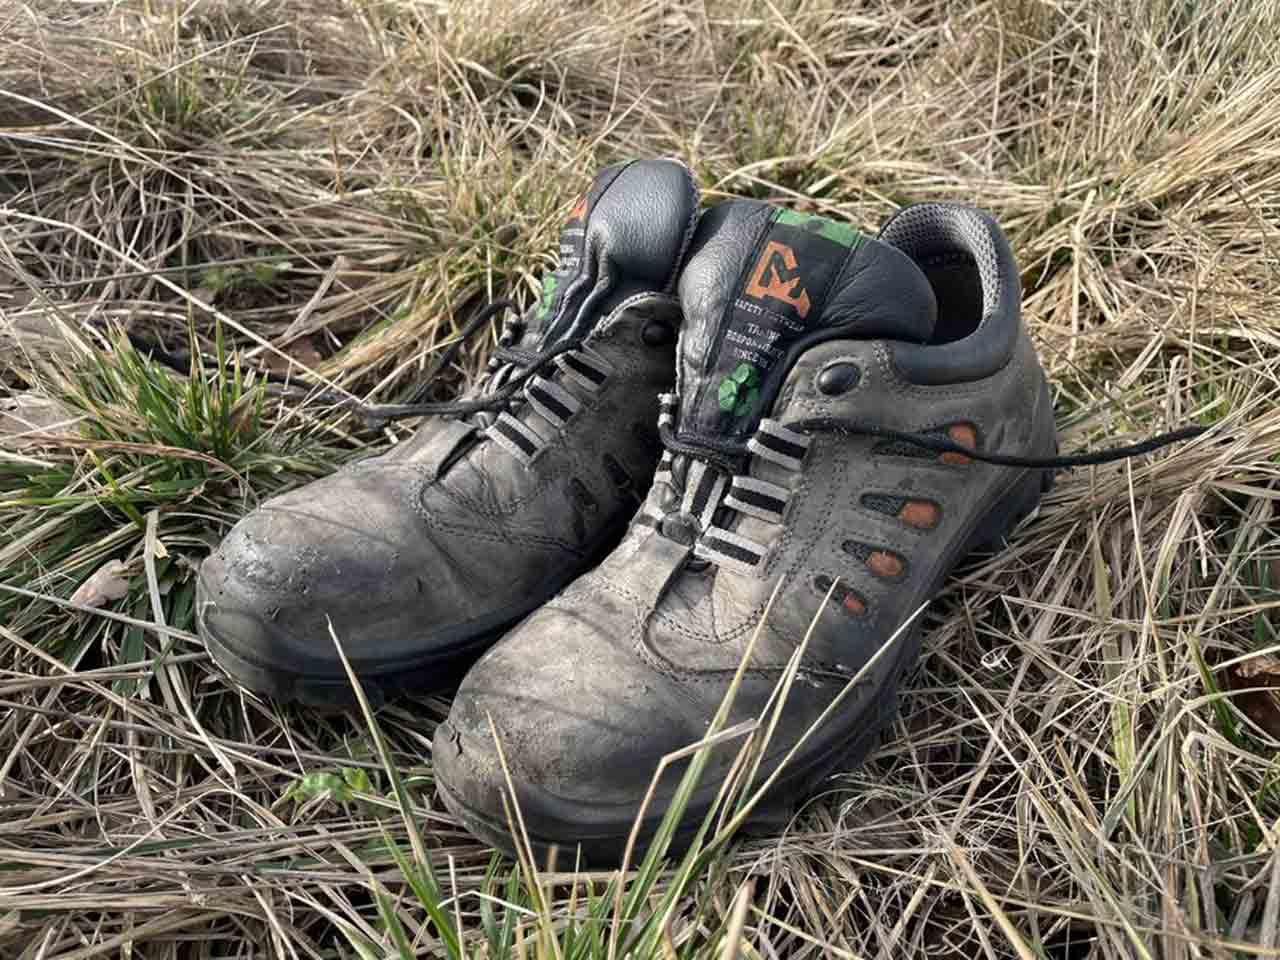 Emma Amazone safety shoes